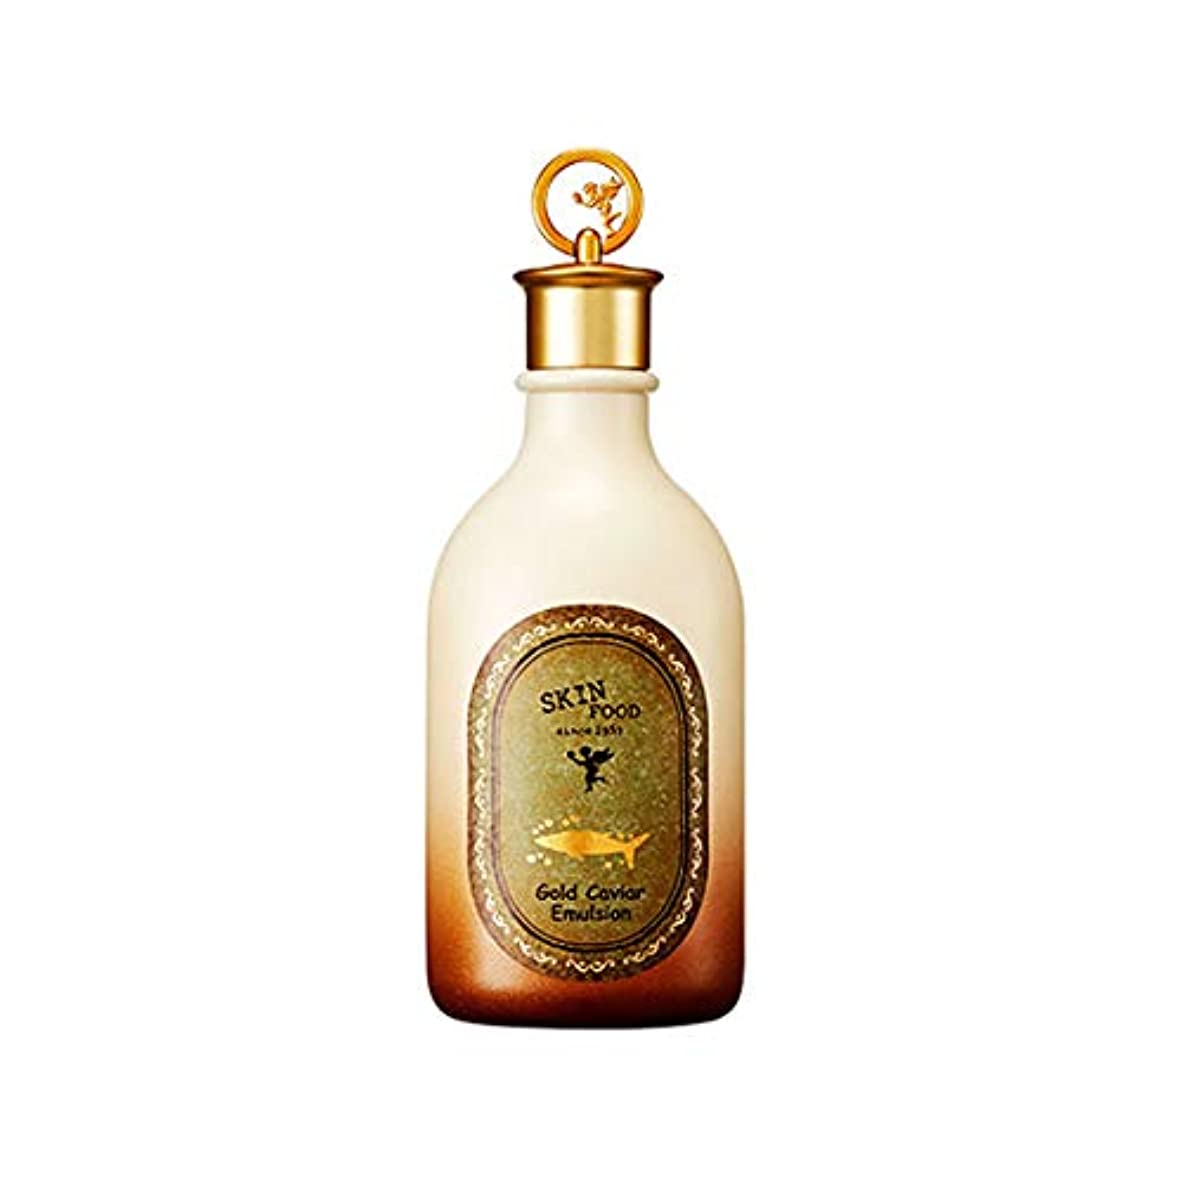 頭痛アジア男やもめSkinfood ゴールドキャビアエマルジョン(しわケア) / Gold Caviar Emulsion (Wrinkle care) 145ml [並行輸入品]